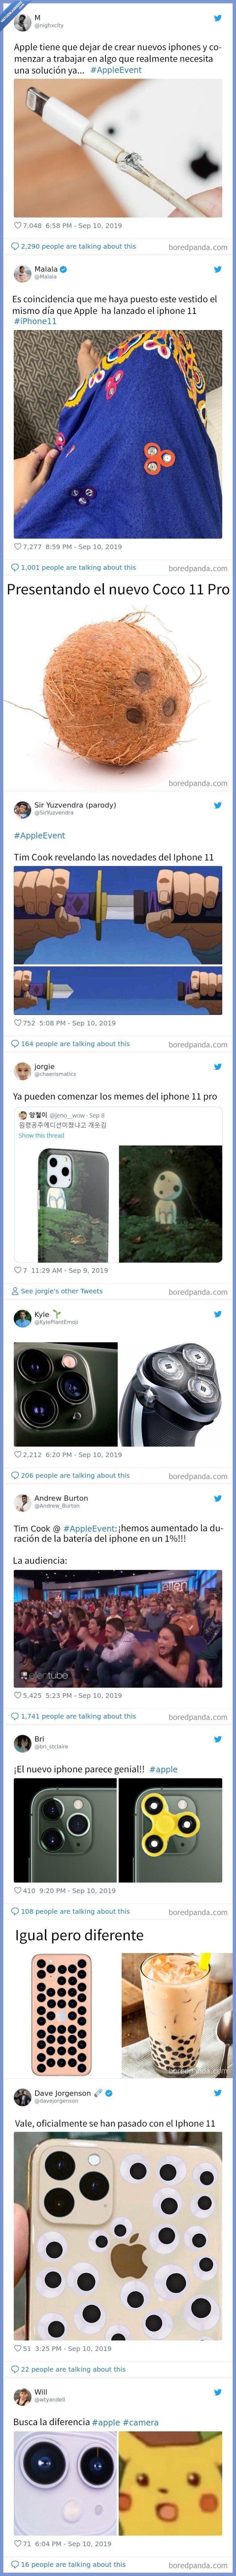 526887 - El nuevo iphone es una basura, o al menos es lo que piensa todo Internet según estos memes. Vía @boredpanda